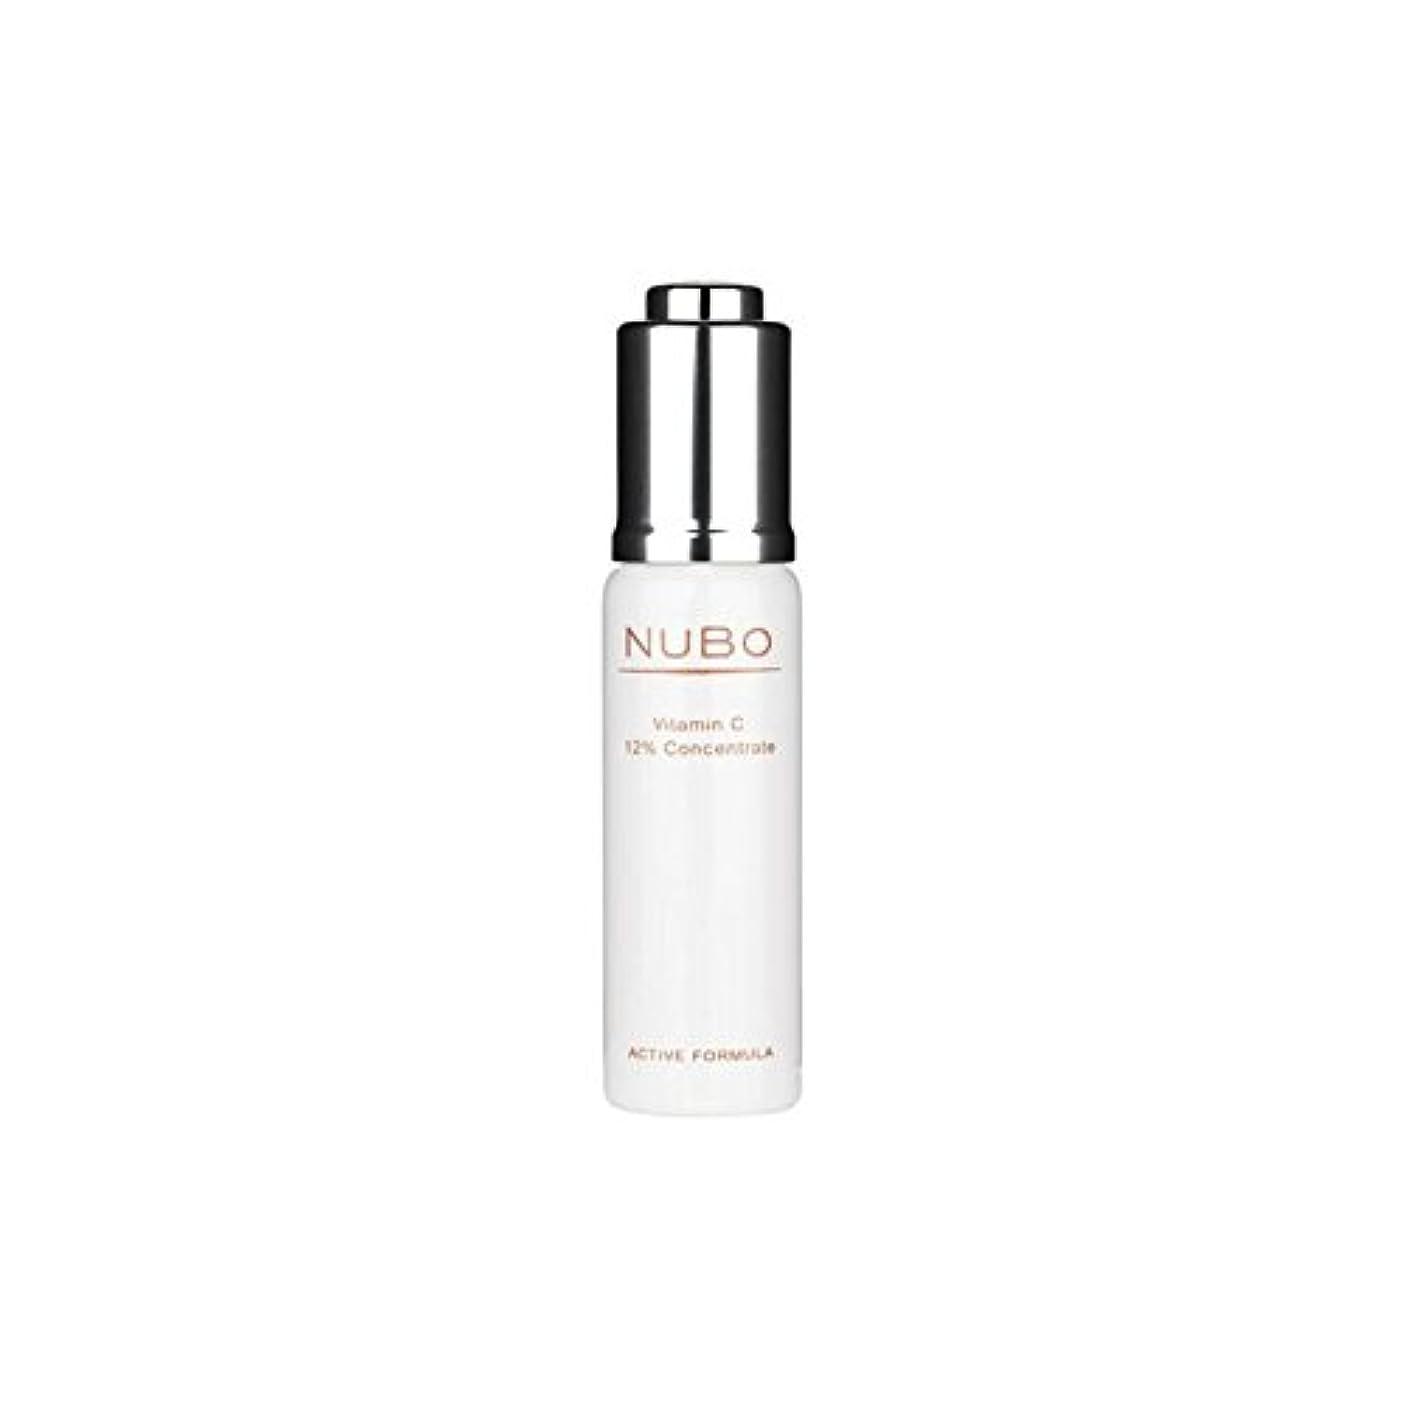 大テスピアン計算可能ビタミン 12%の濃縮物(15ミリリットル) x4 - Nubo Vitamin C 12% Concentrate (15ml) (Pack of 4) [並行輸入品]